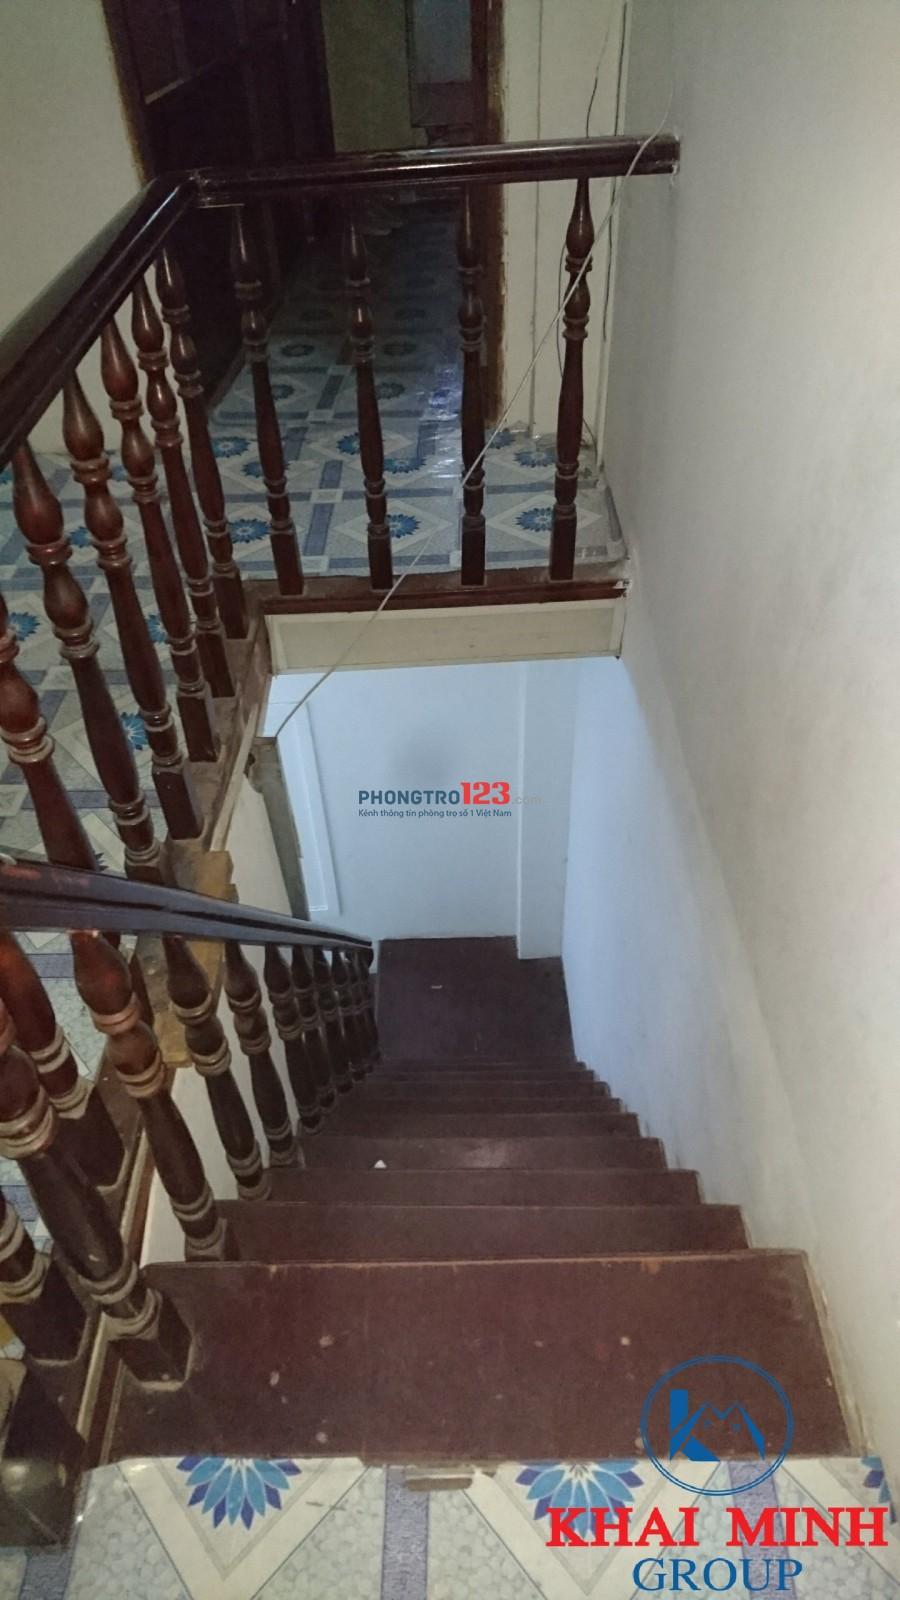 Phòng MÁY LẠNH, sát ngã tư Hàng Xanh, ĐH Hutech, đường Điện Biên Phủ - 0917460309